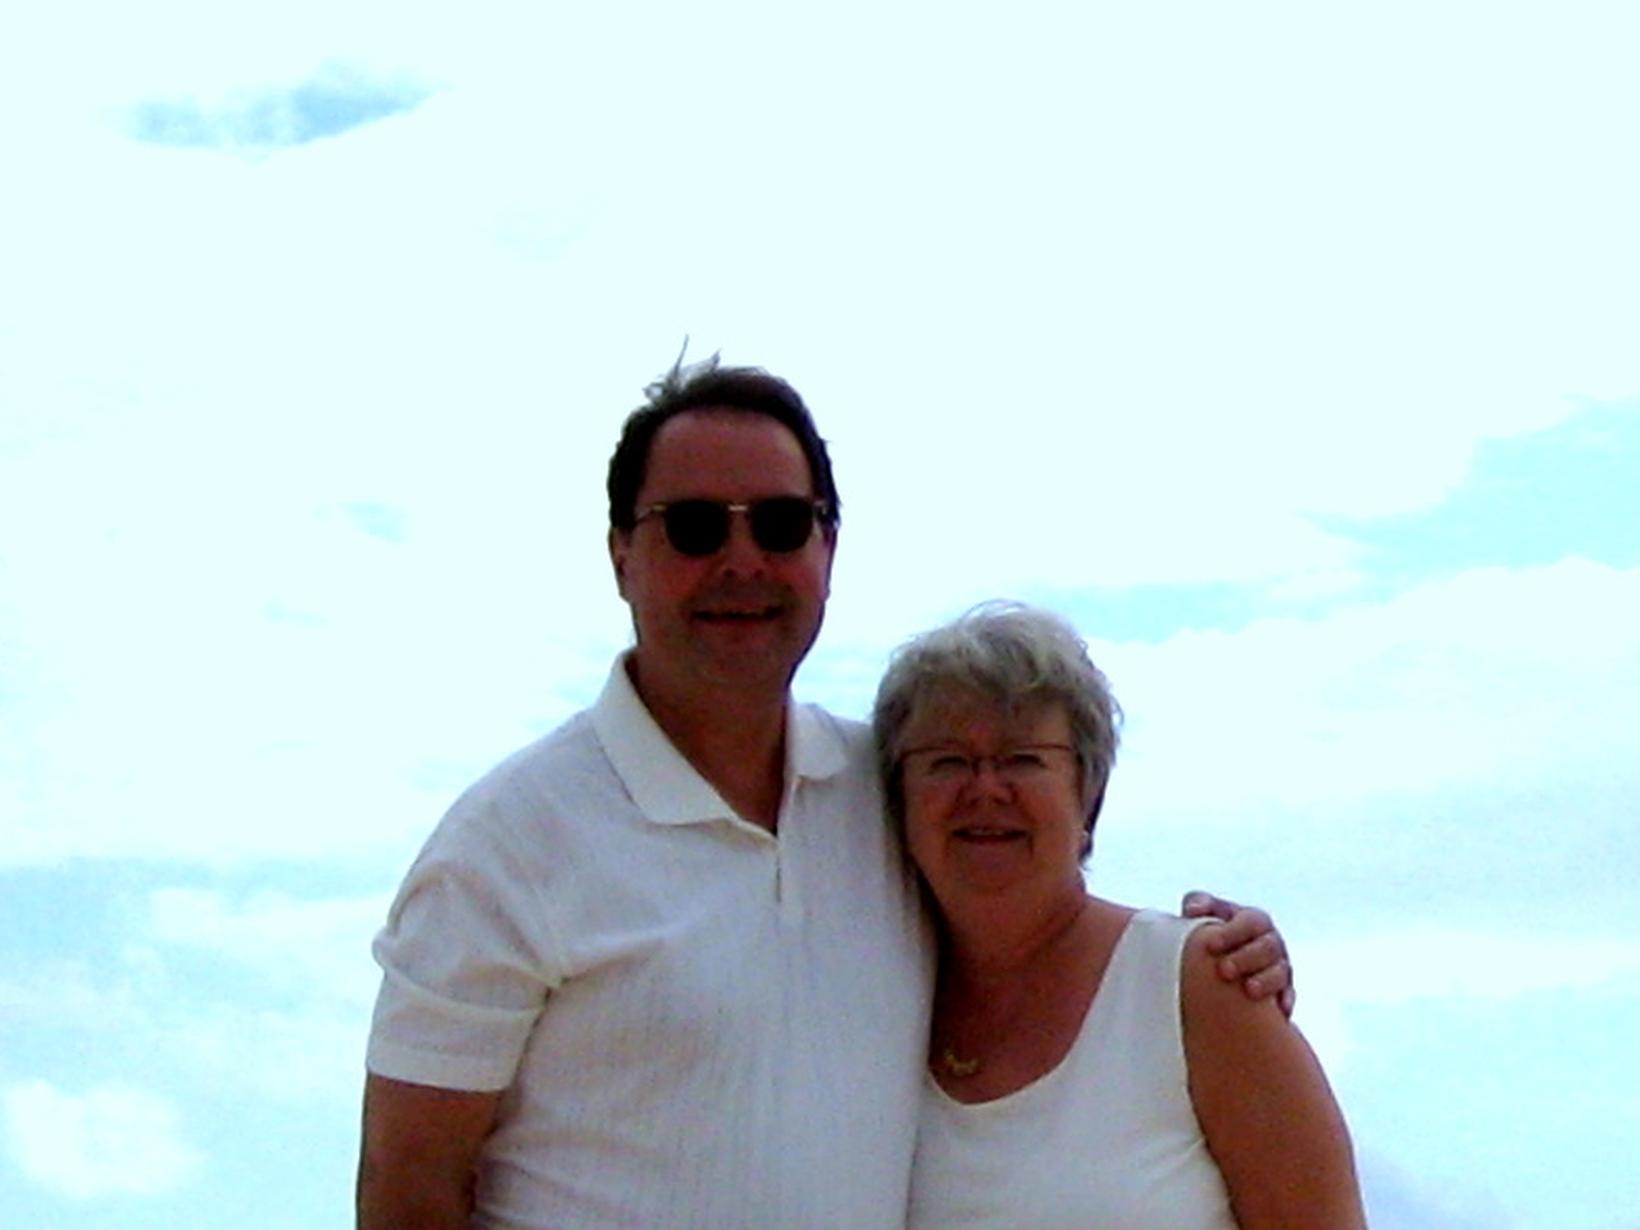 Eva & Dan from Qualicum Beach, British Columbia, Canada